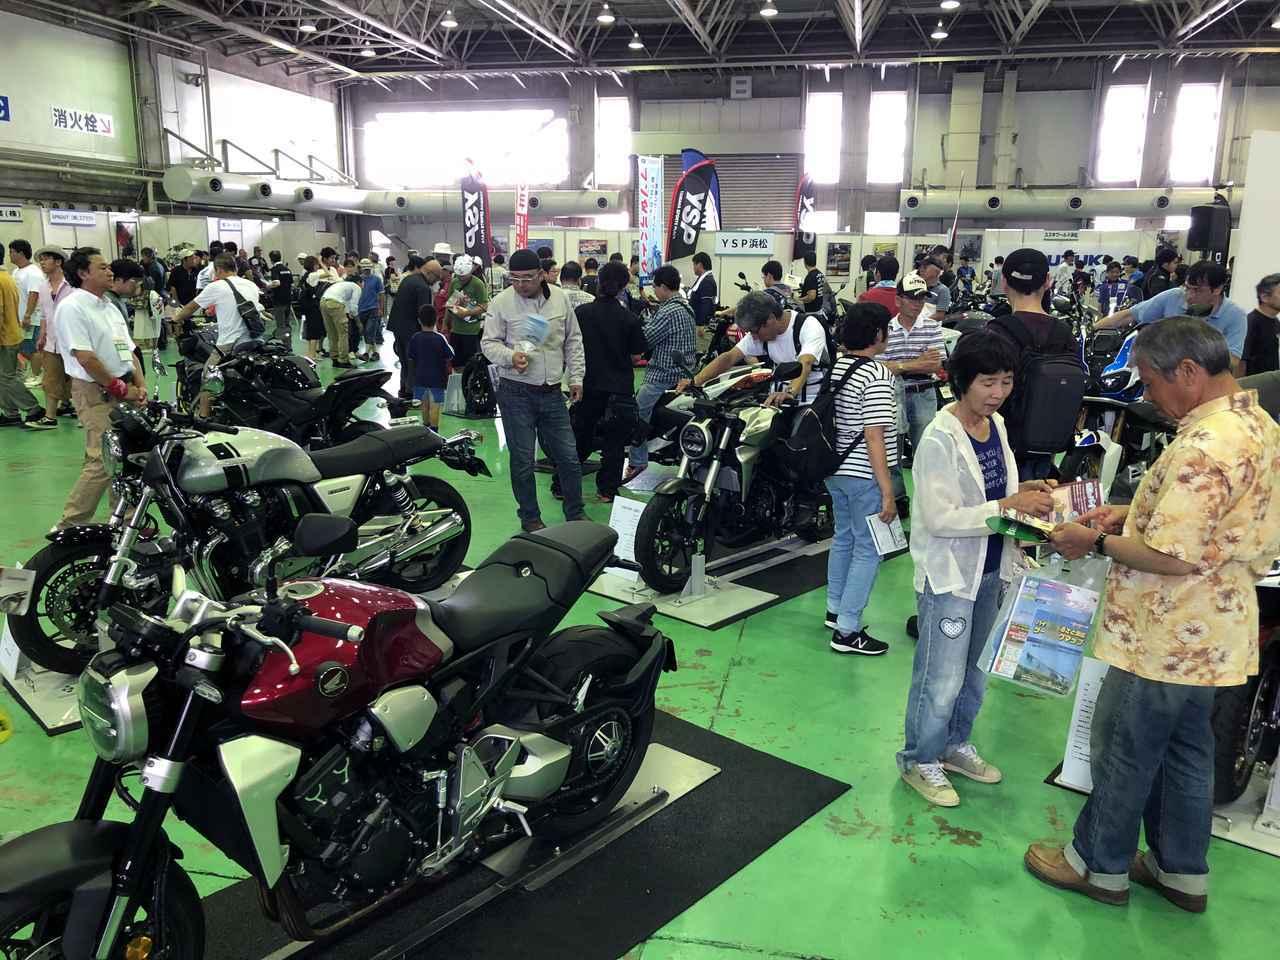 画像: 最新モデルやMotoGPマシンも展示されます!「バイクのふるさと浜松2019」 - webオートバイ